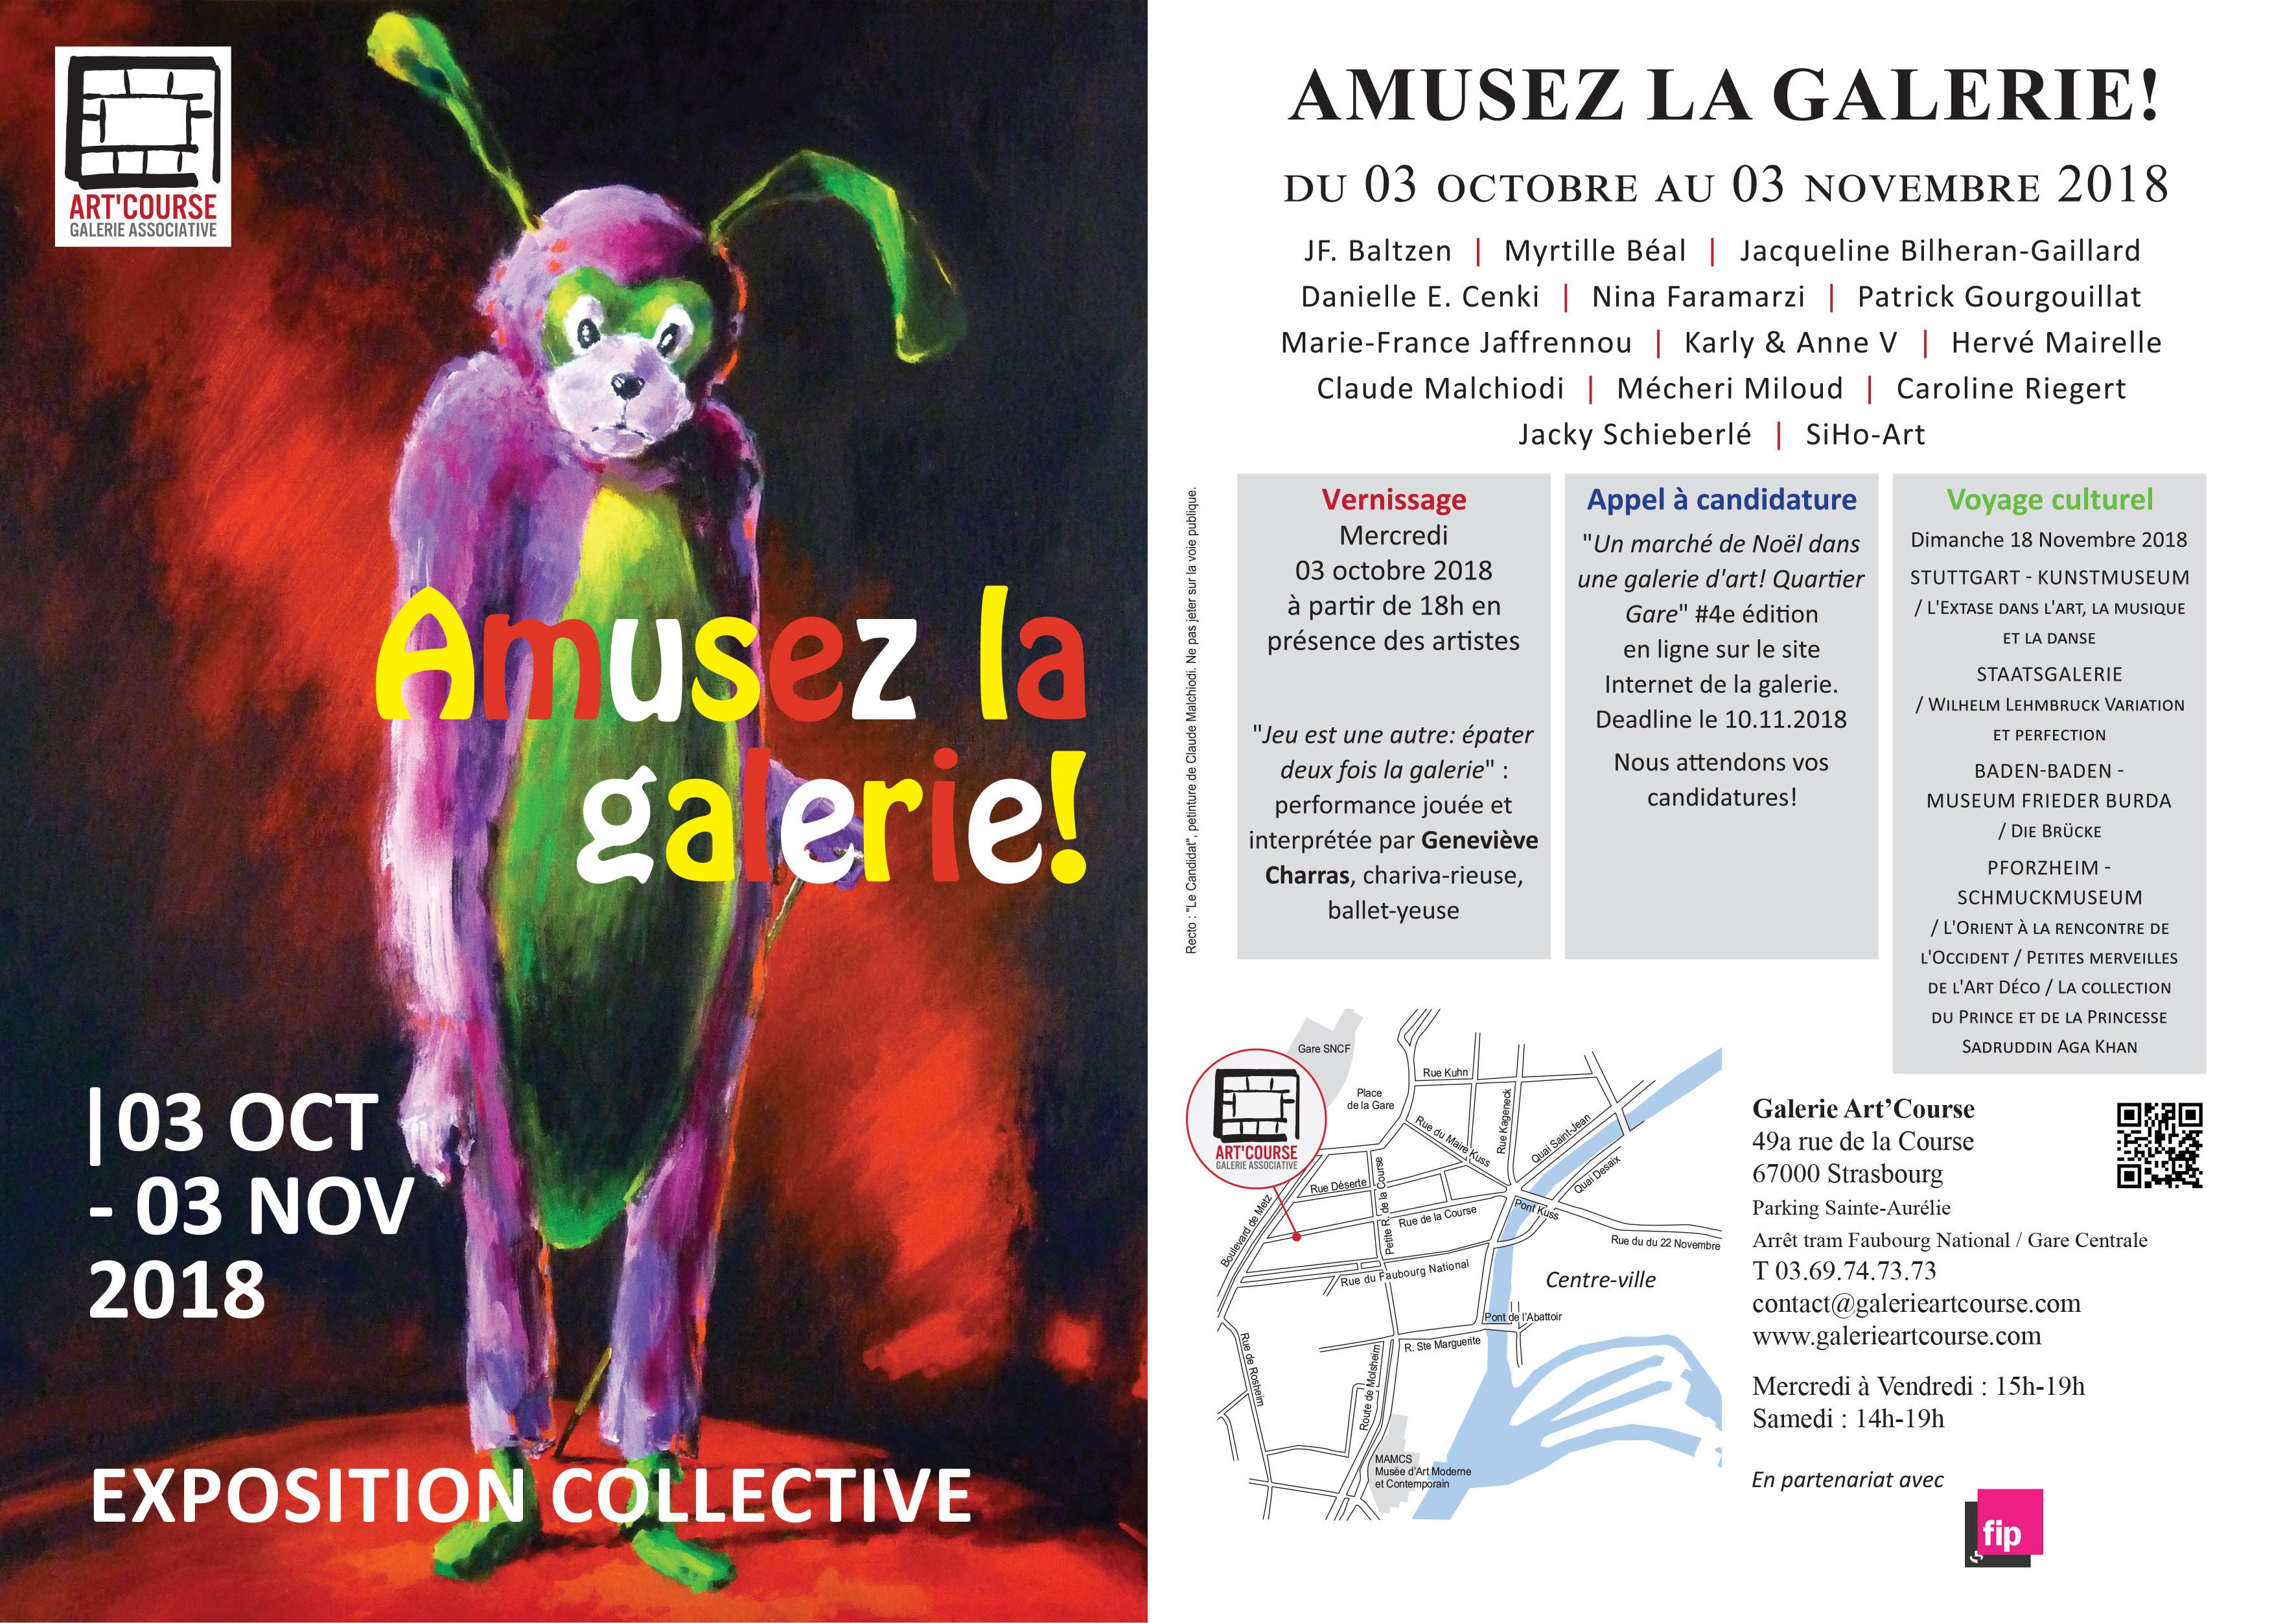 Galerie Art'Course - Exposition collective - octobre 2018 - p.g. [patrick gourgouillat]